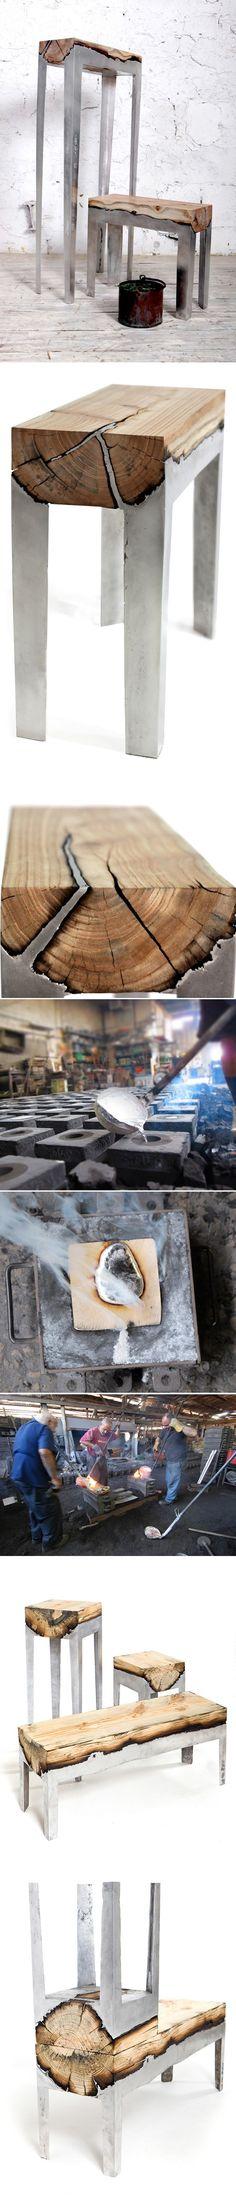 """Assises bois + aluminium par Hilla Shamia Hilla Shamia a baptisé son dernier concept """"wood casting"""", il utilise le bois brut et l'intègre dans son mobilier"""